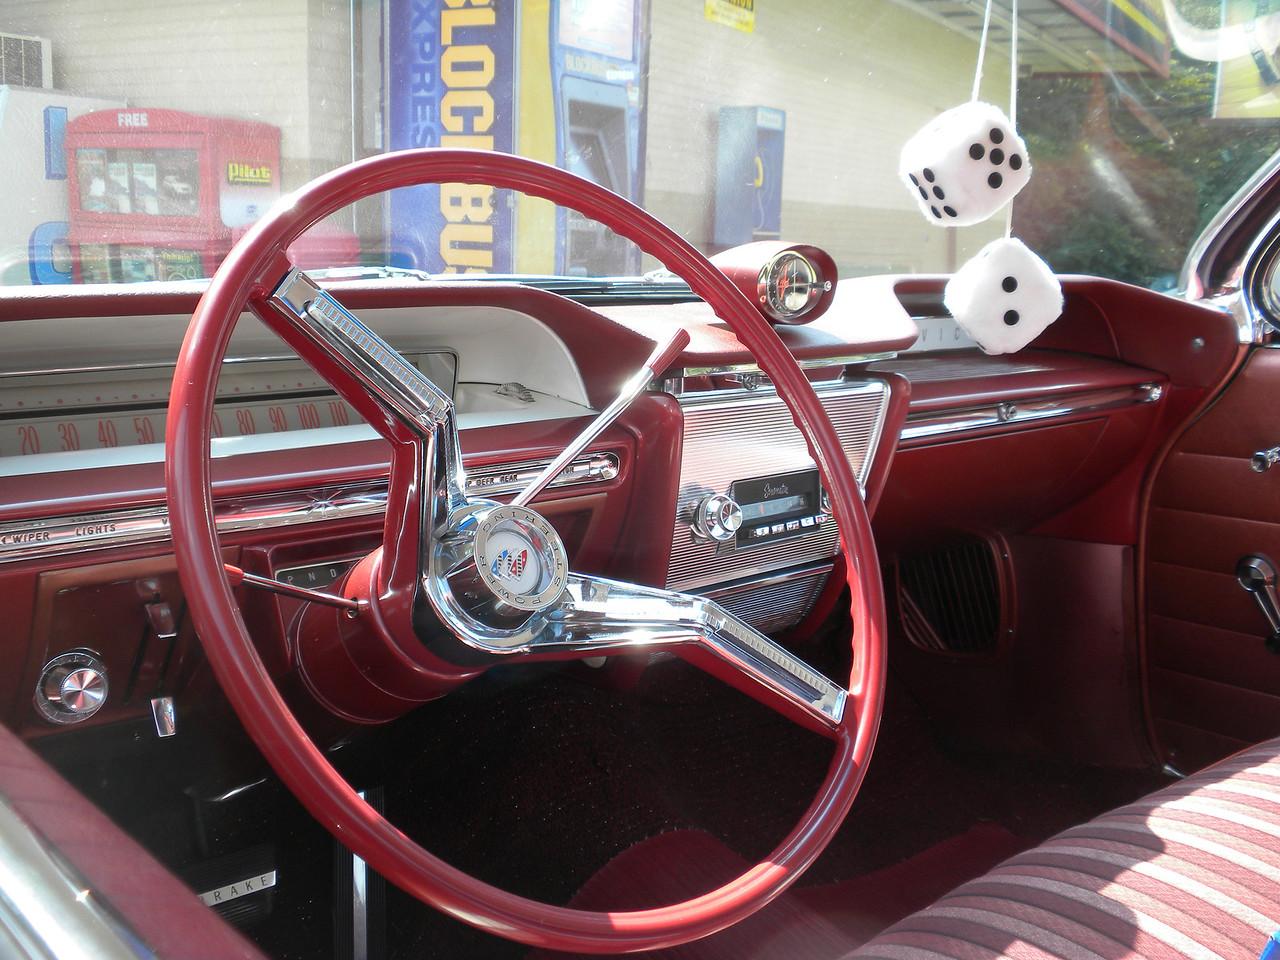 1961 Buick Invicta Four-Door Hardtop